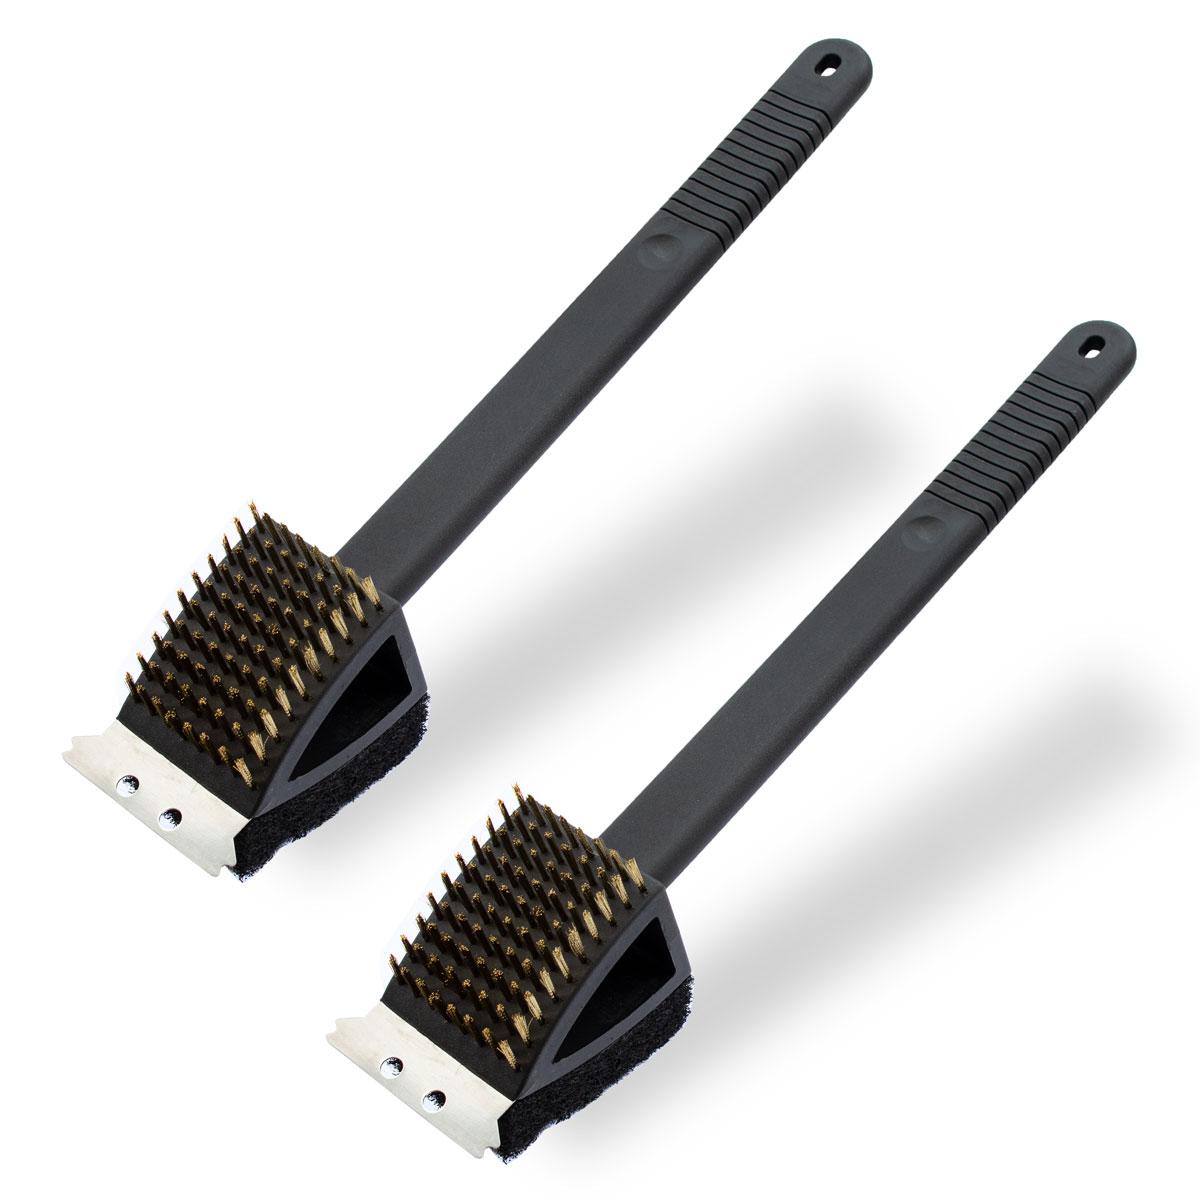 2x 93253 Set Grillbürste Multi-Tool